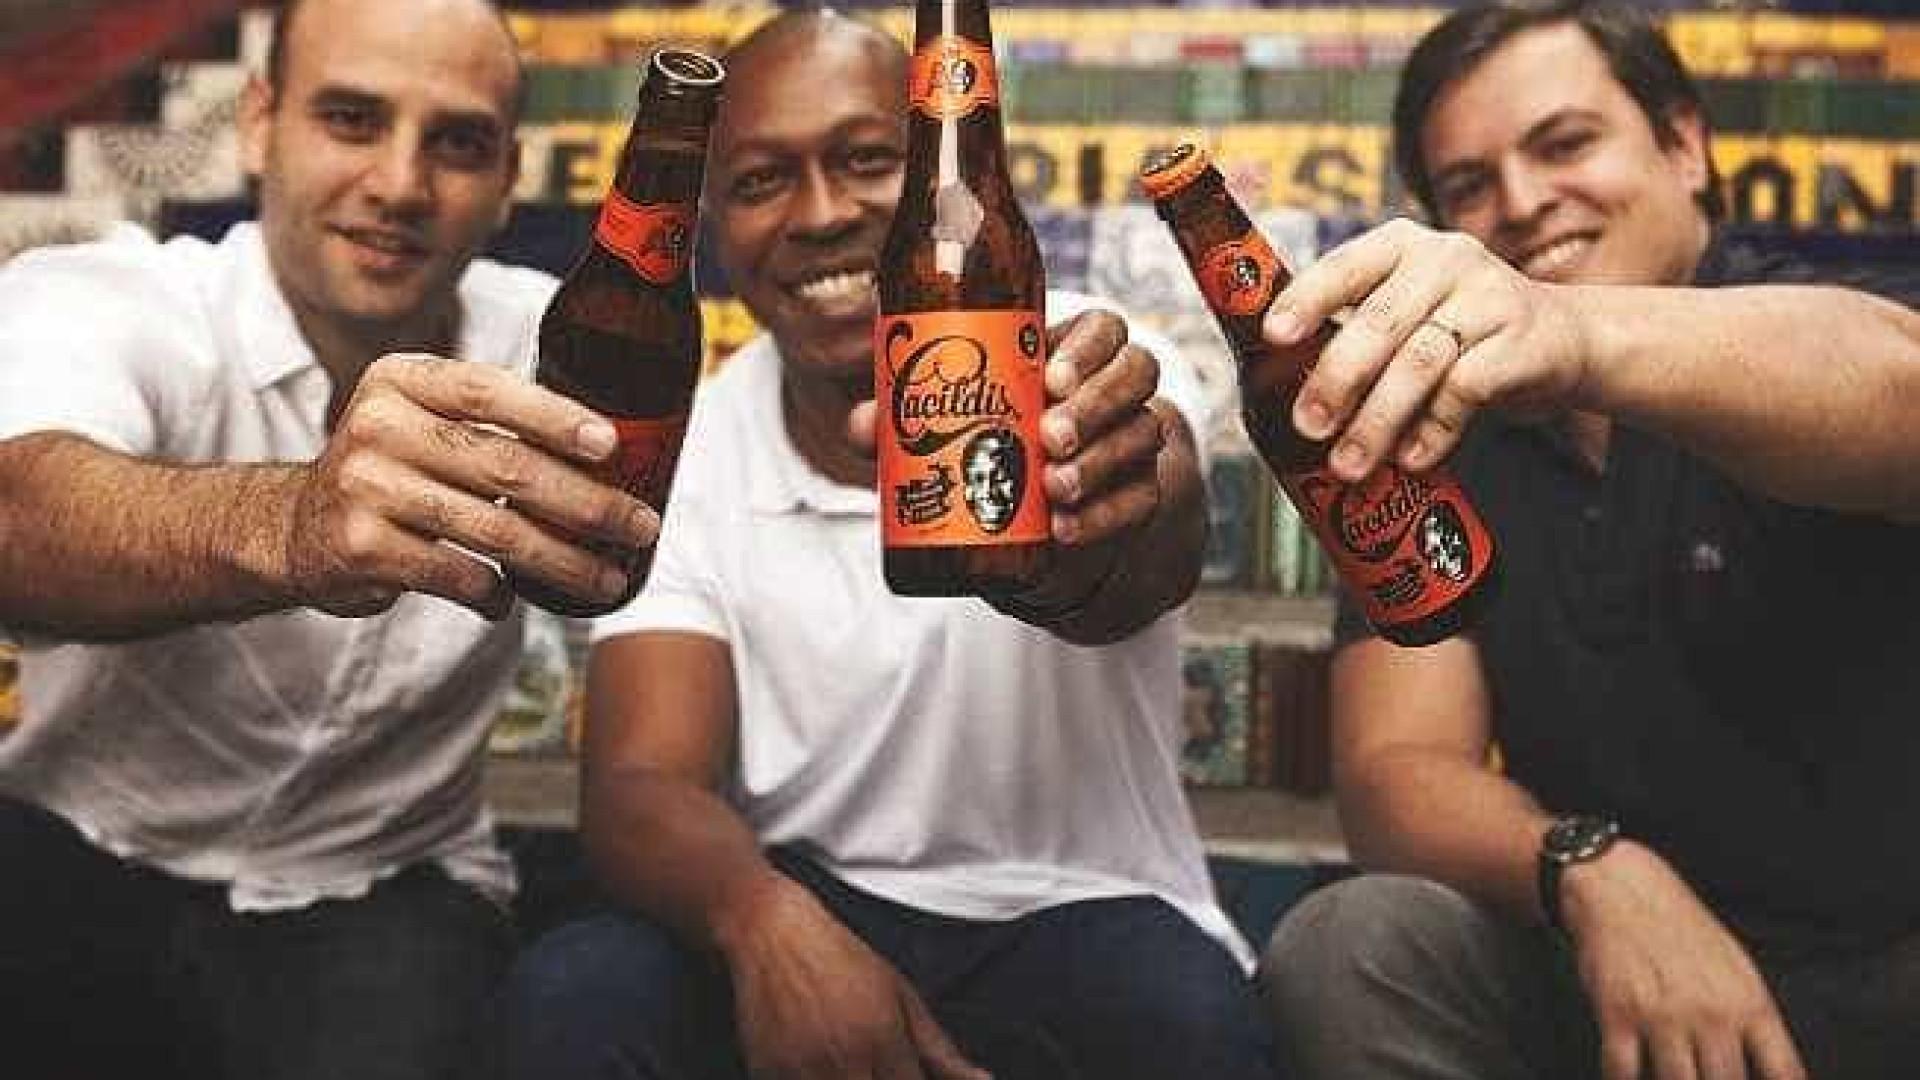 Filho de Mussum brinda sucesso de cerveja criada em homenagem ao pai